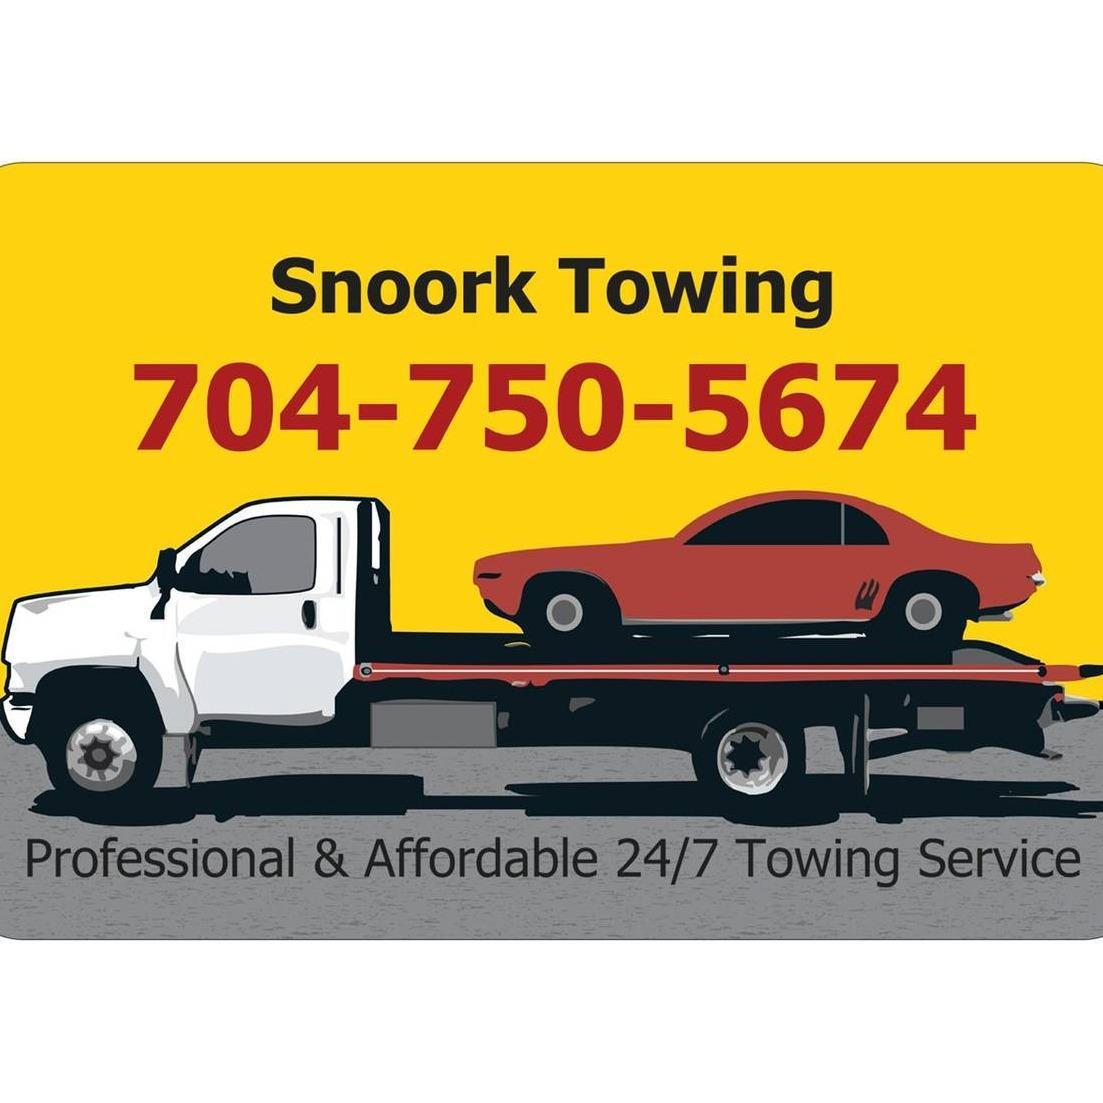 Snoork Towing